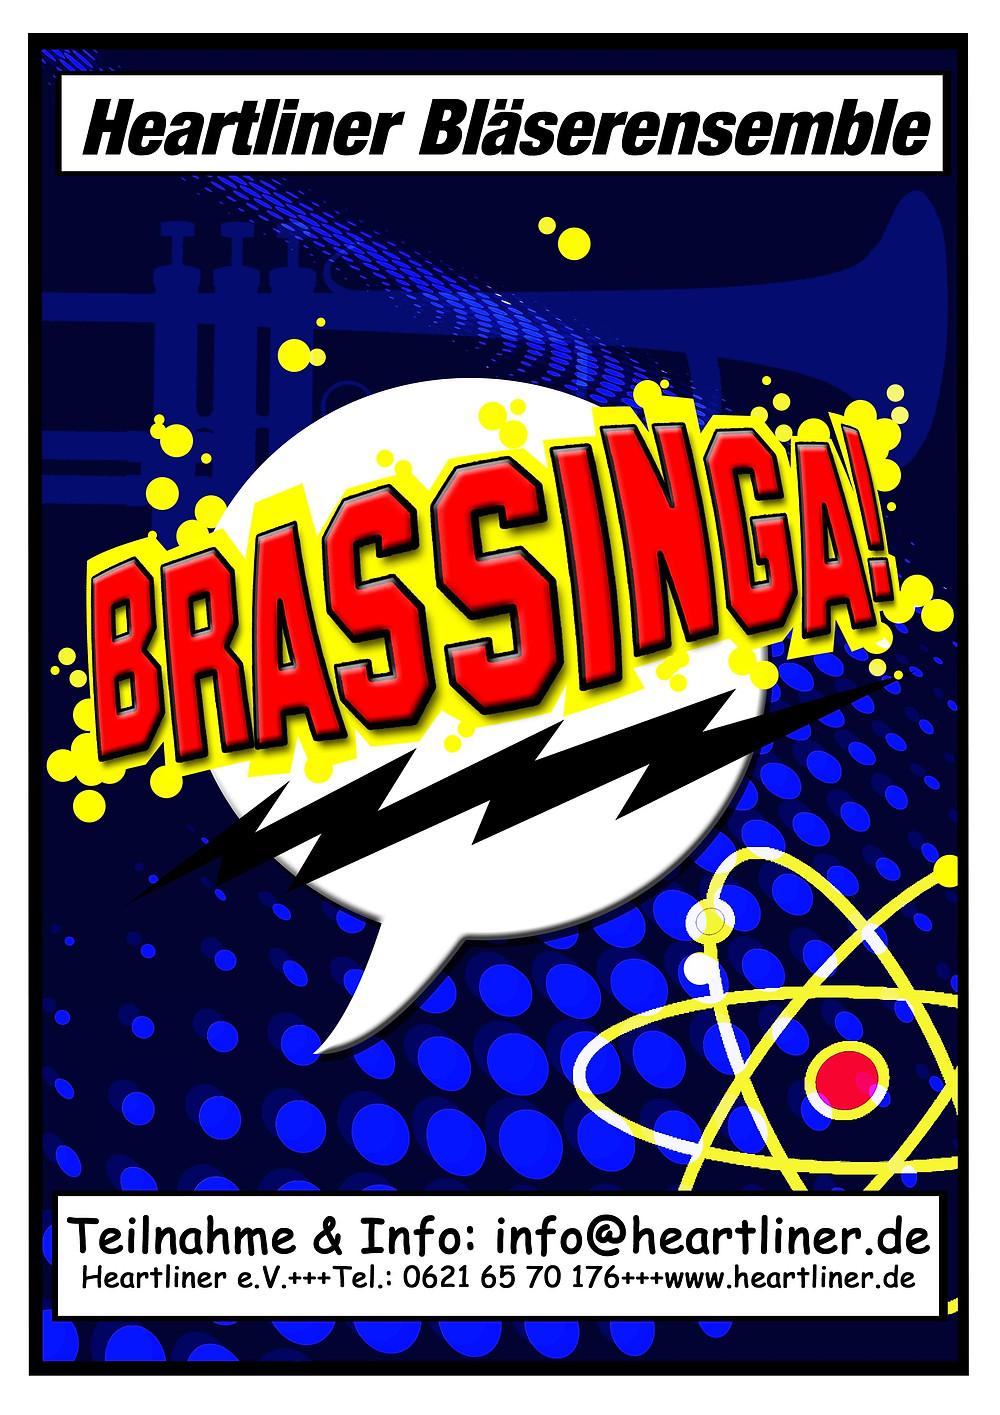 Brassinga Kopie.jpg